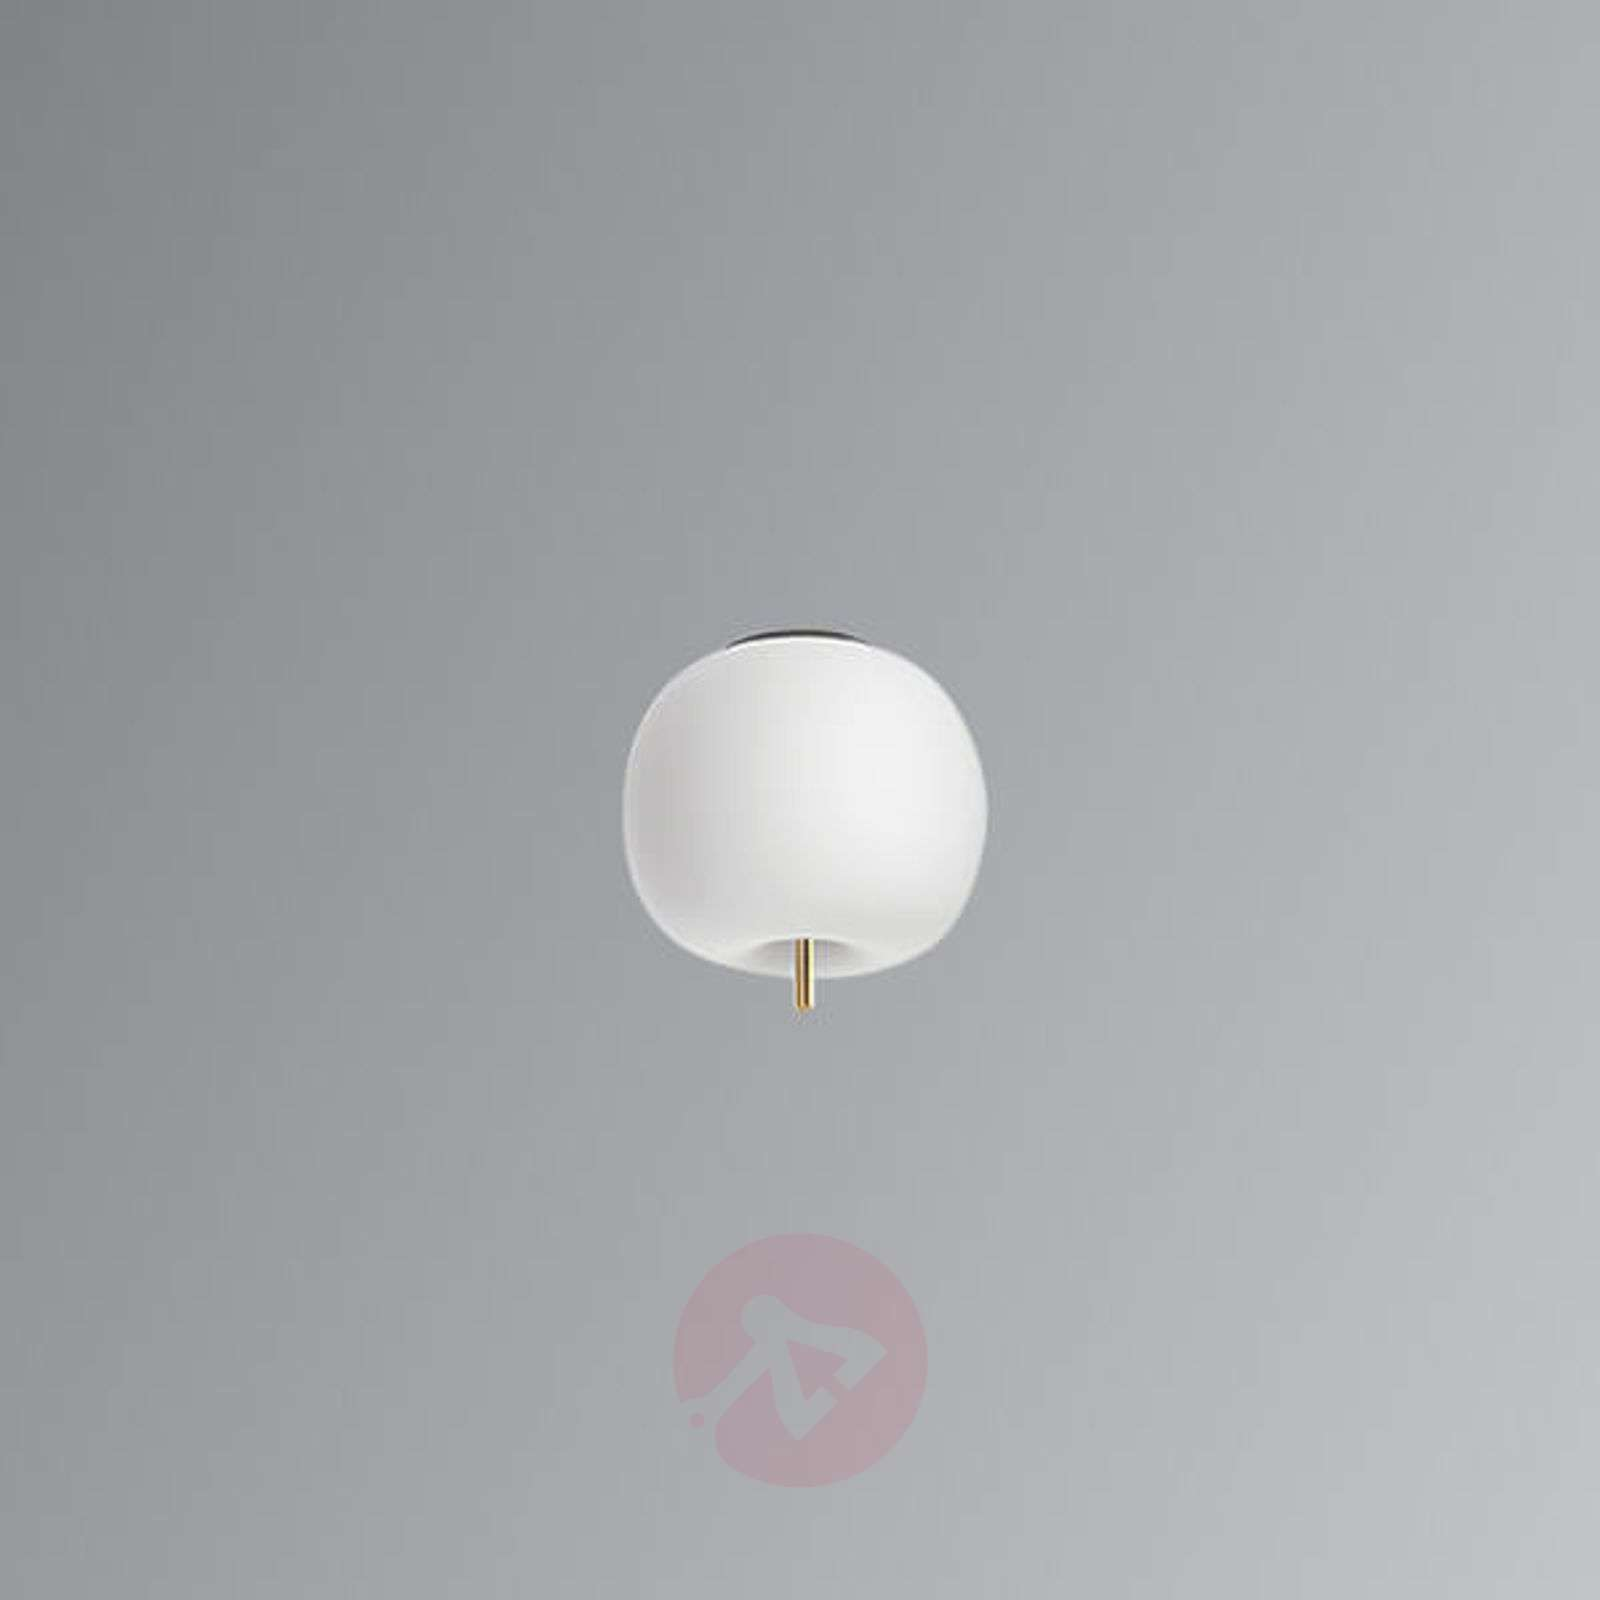 Kundalini Kushi LED-kattovalo messinki 16cm-5520190-06